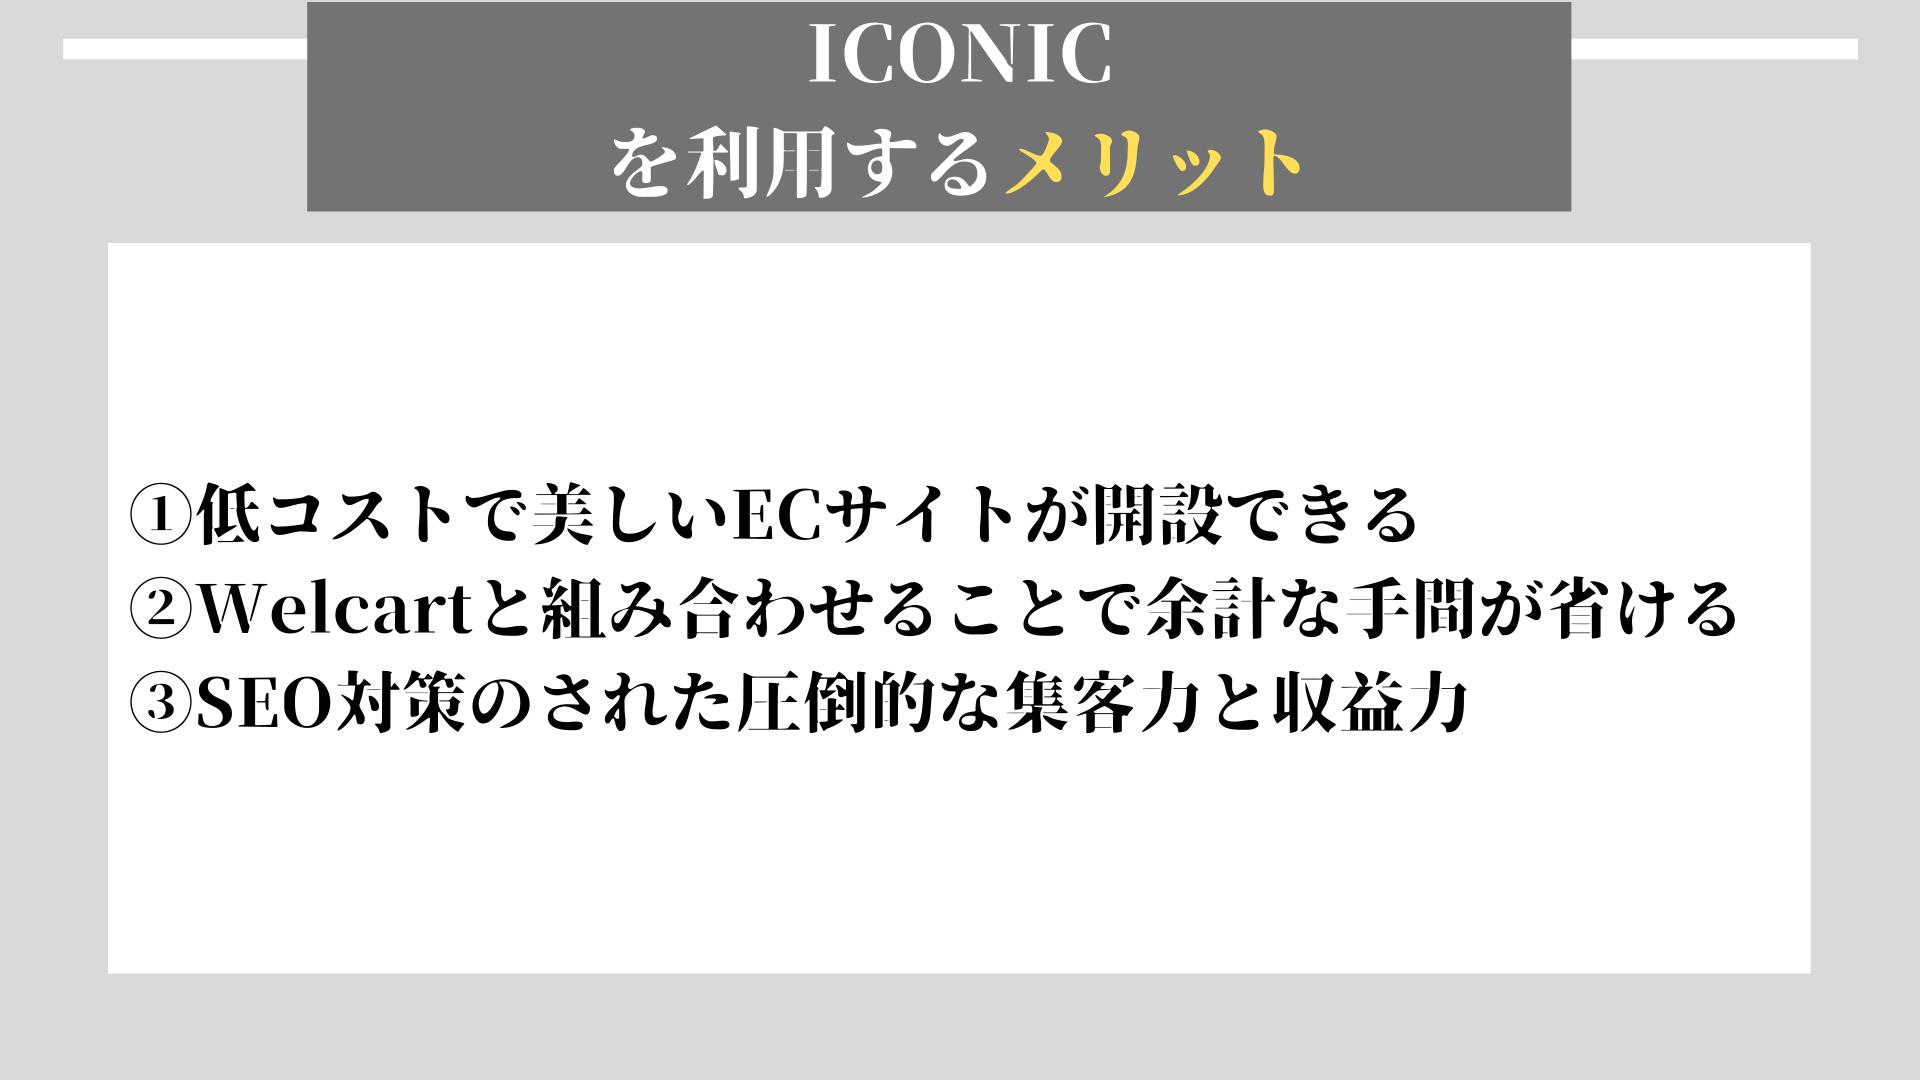 ICONIC メリット